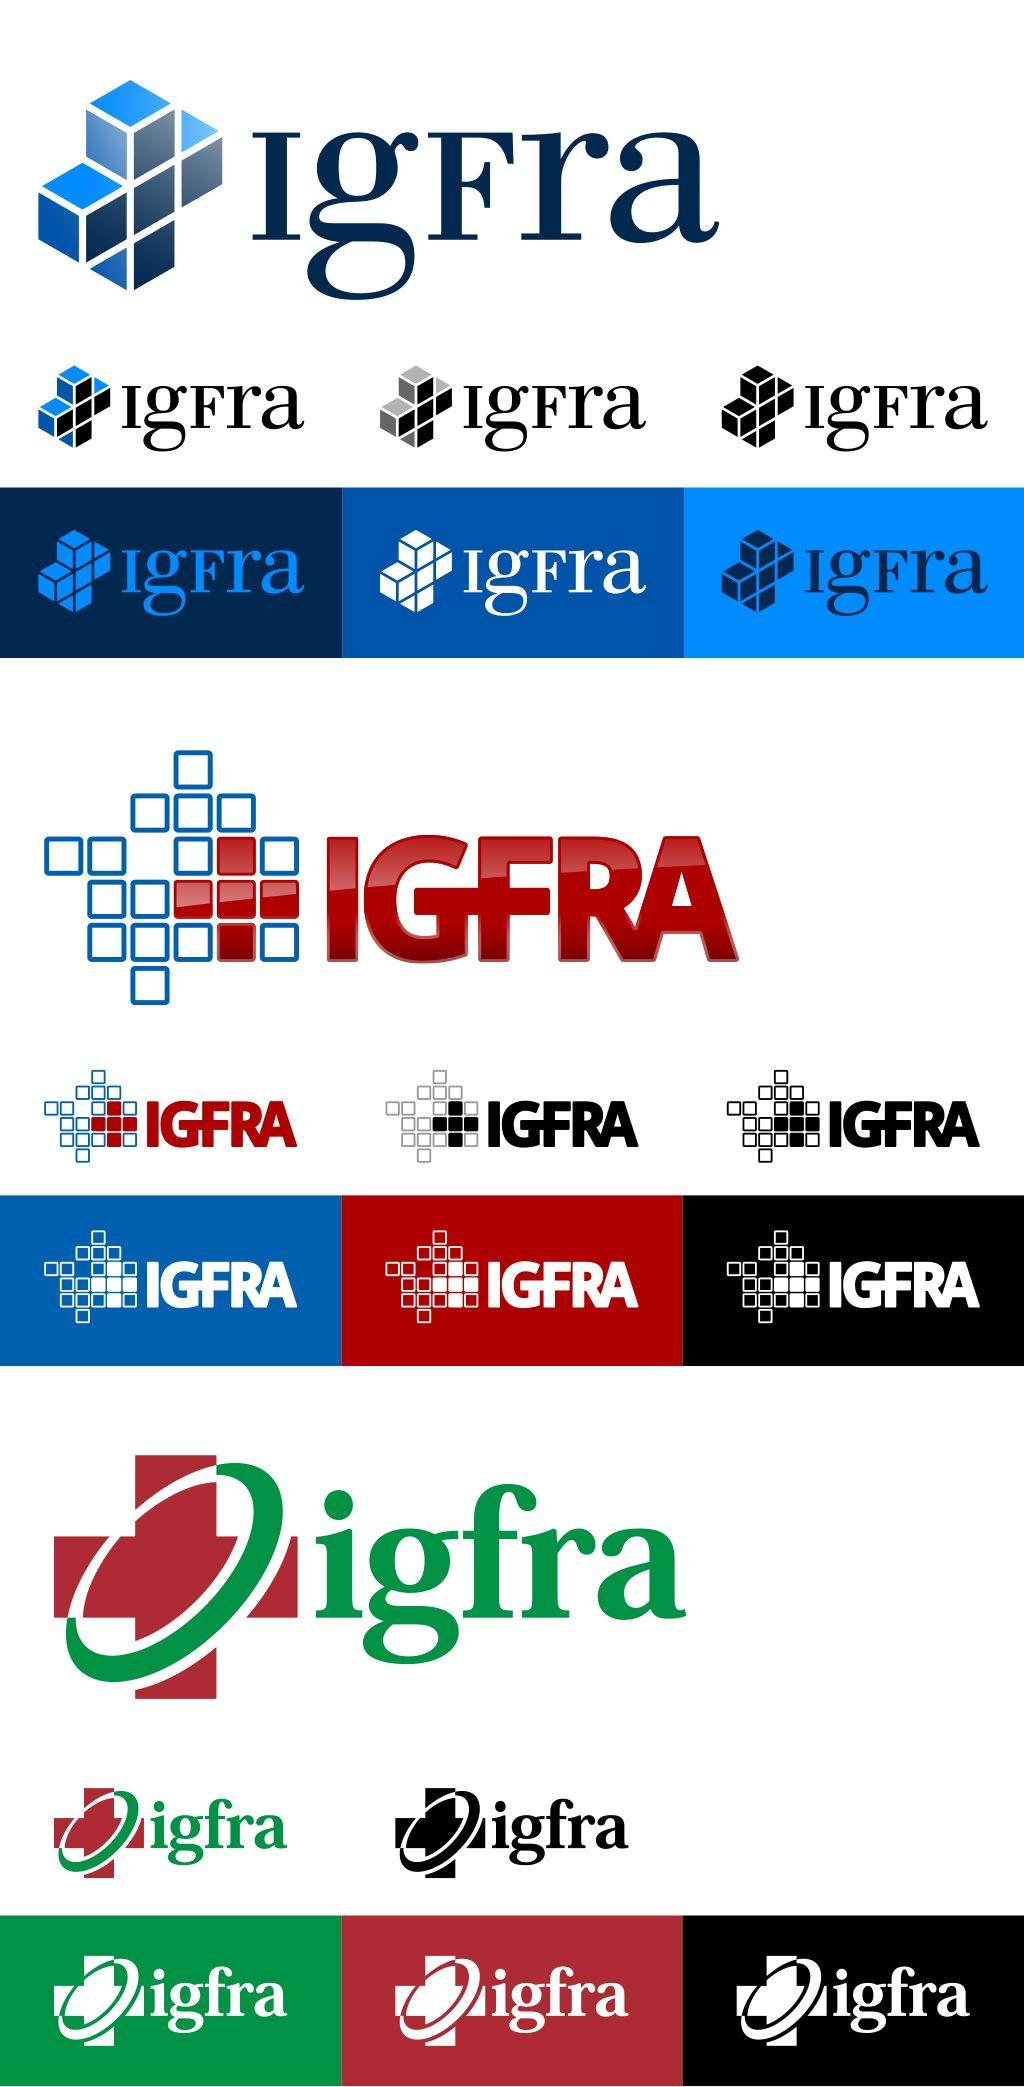 Igfra